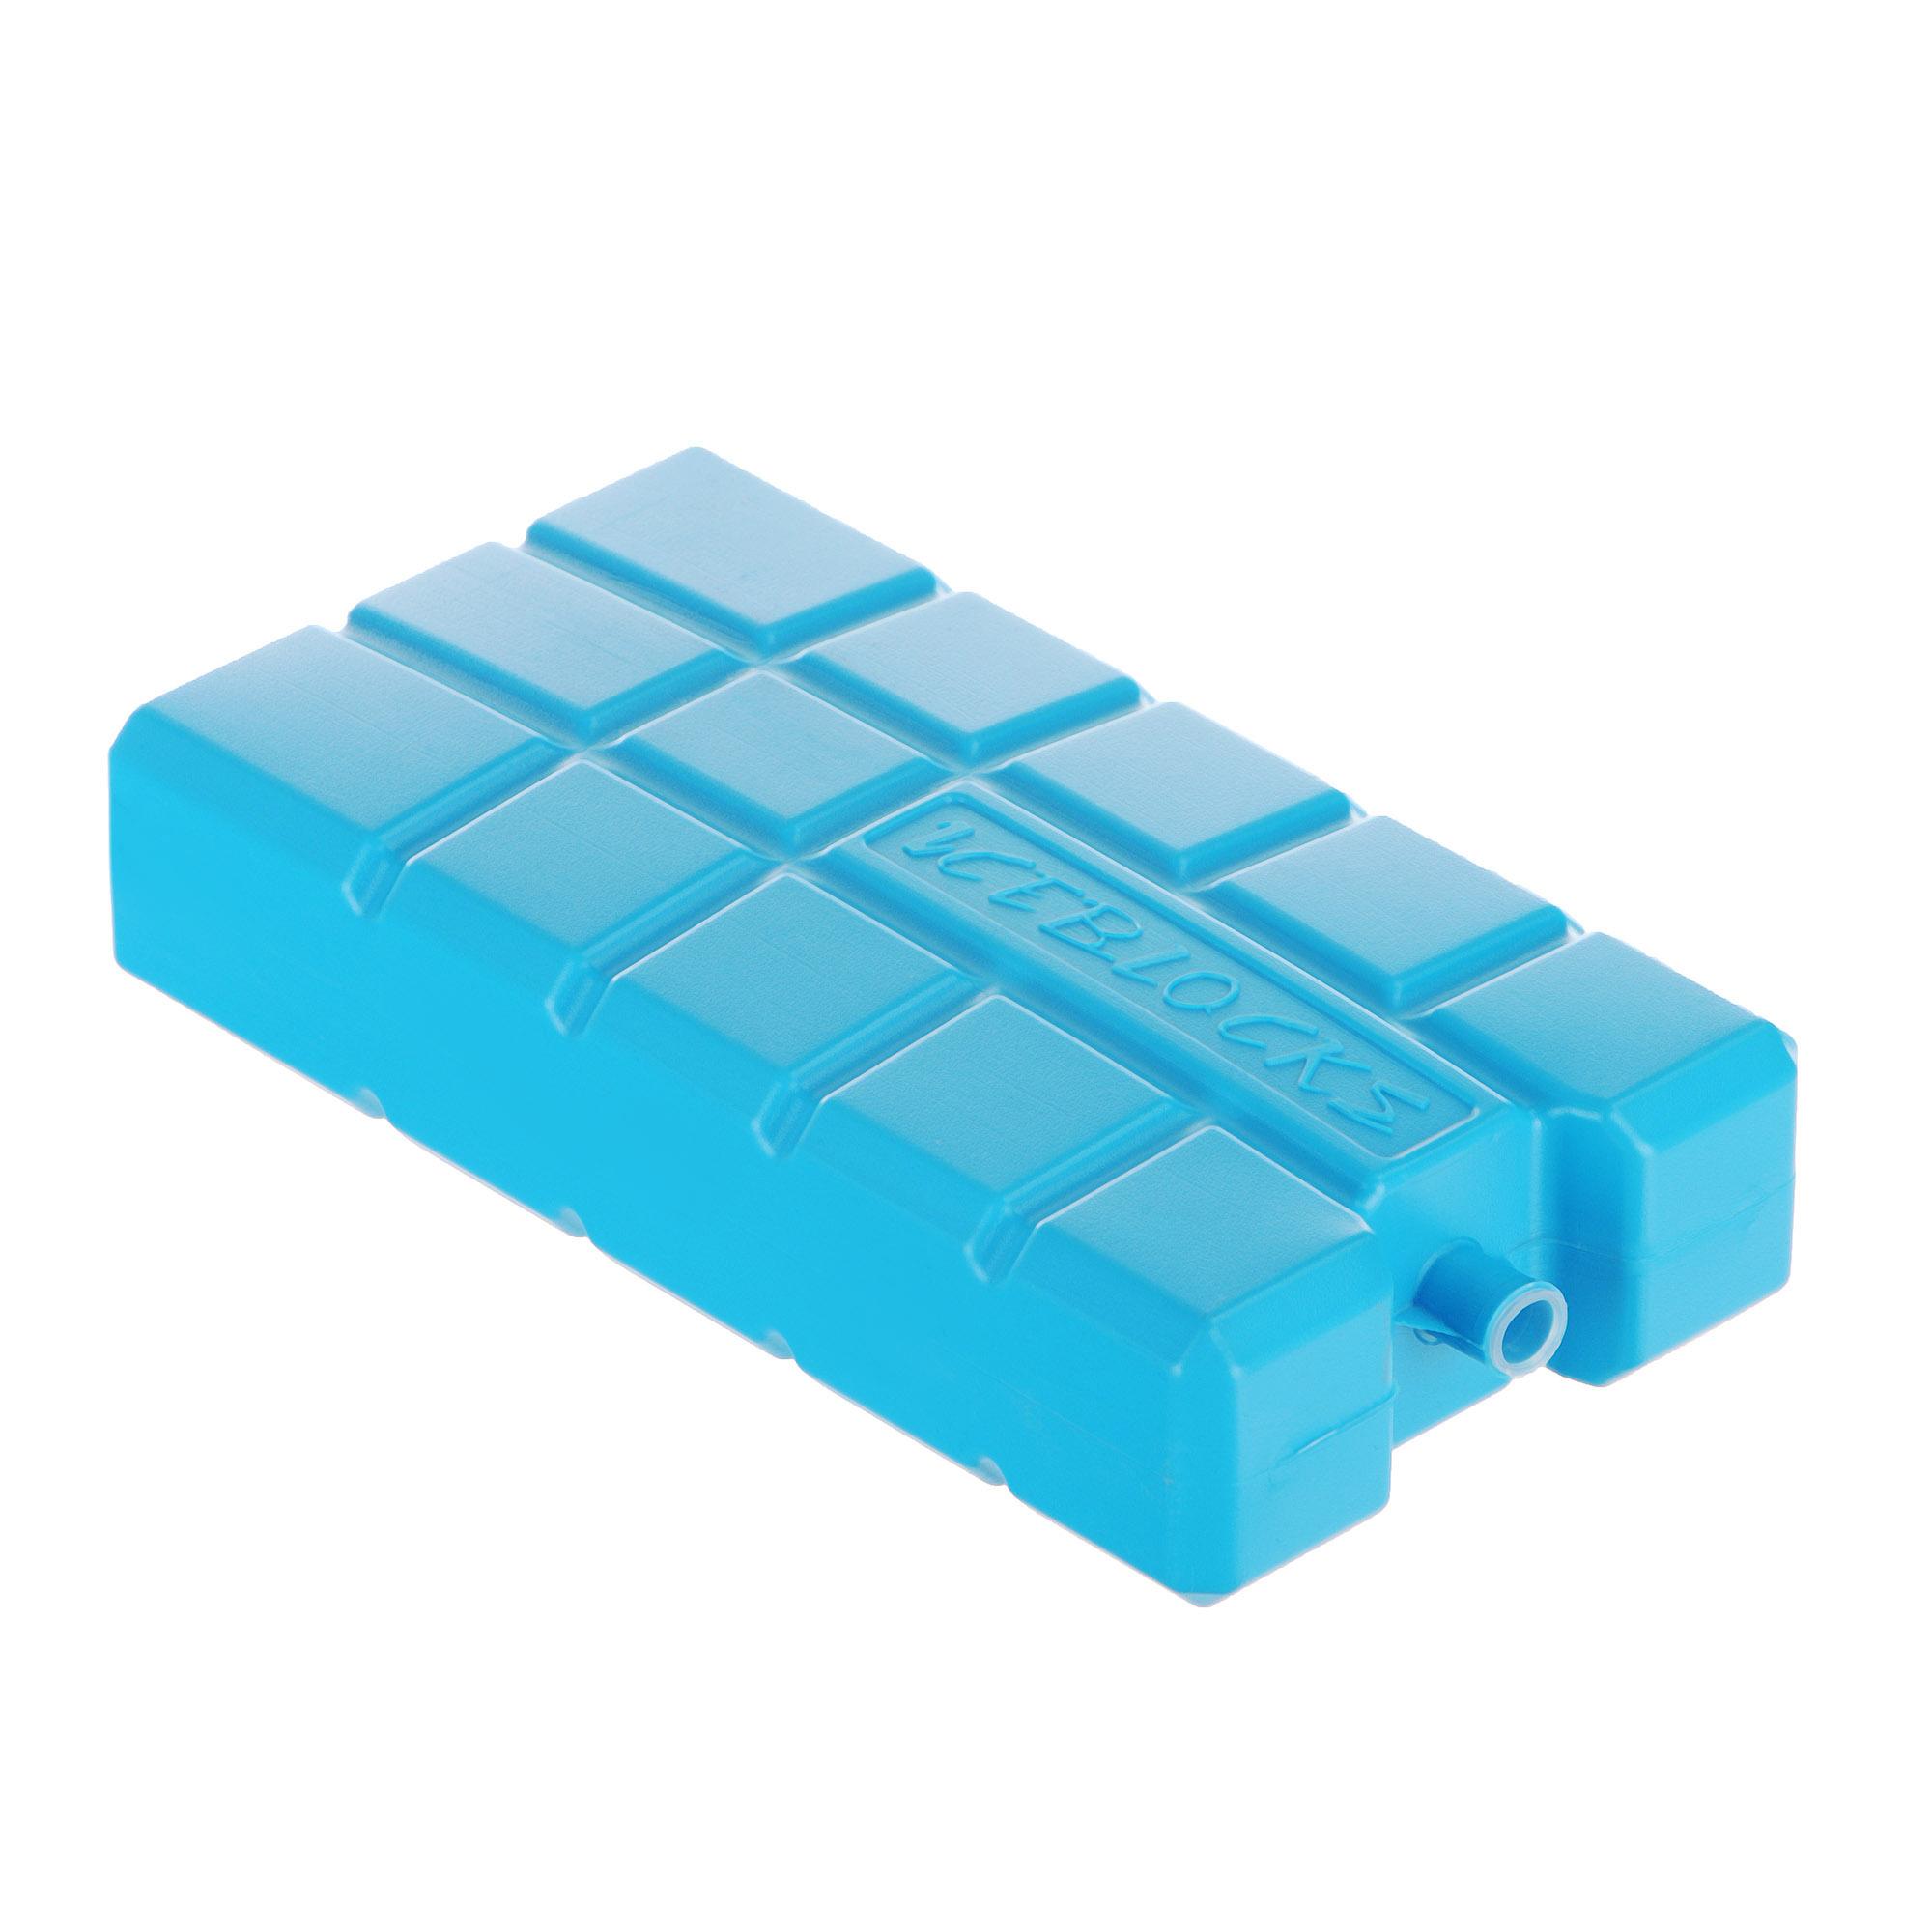 Аккумулятор холода Koopman bbq 11х4х20 см